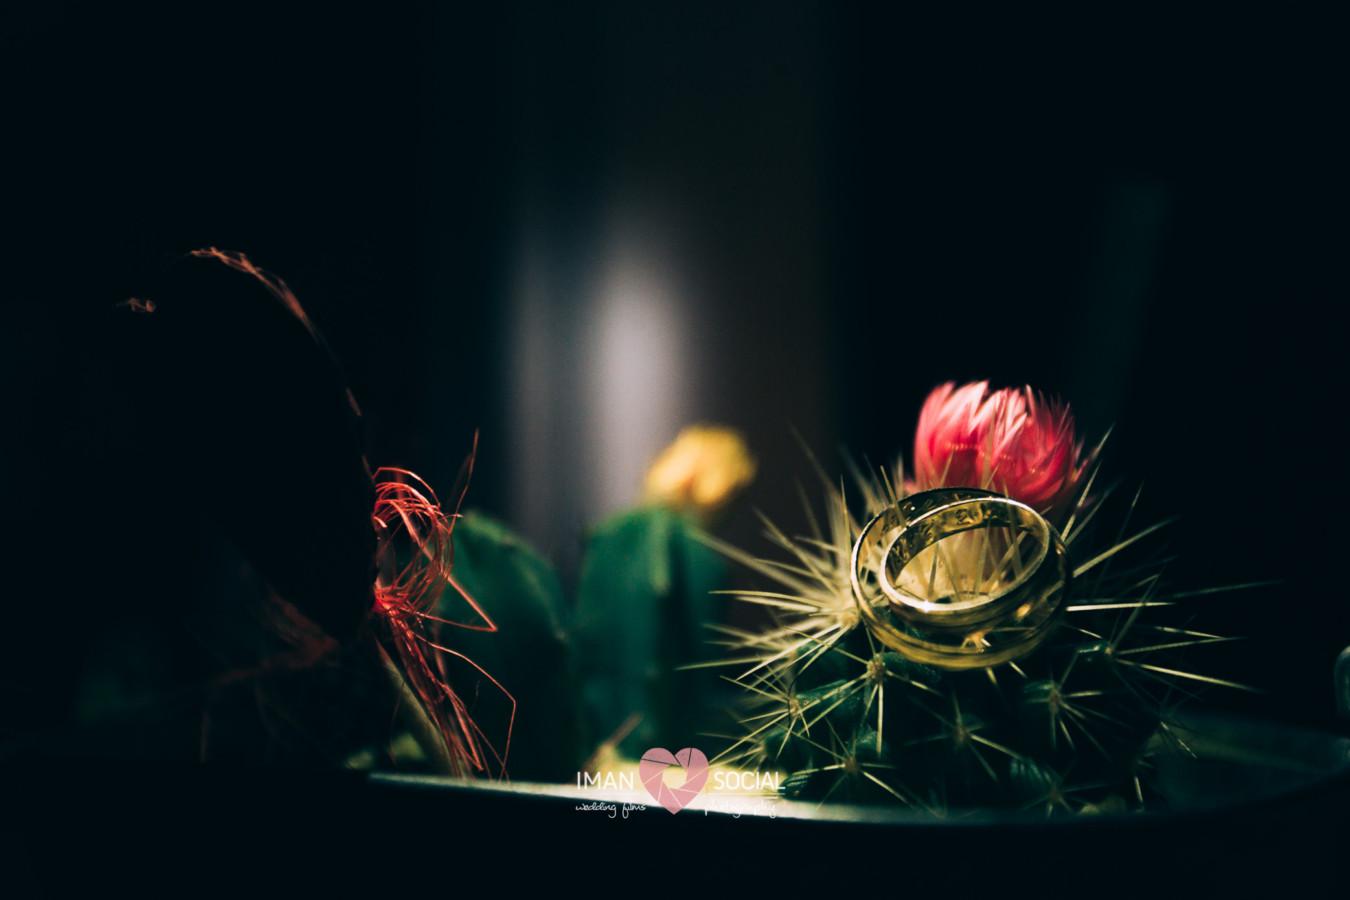 fotografo-de-boda-en-cordoba-sevilla-posadas-boda-auxi-y-antonio-16 Auxi & Antonio, primera boda de la temporada - video boda cordoba